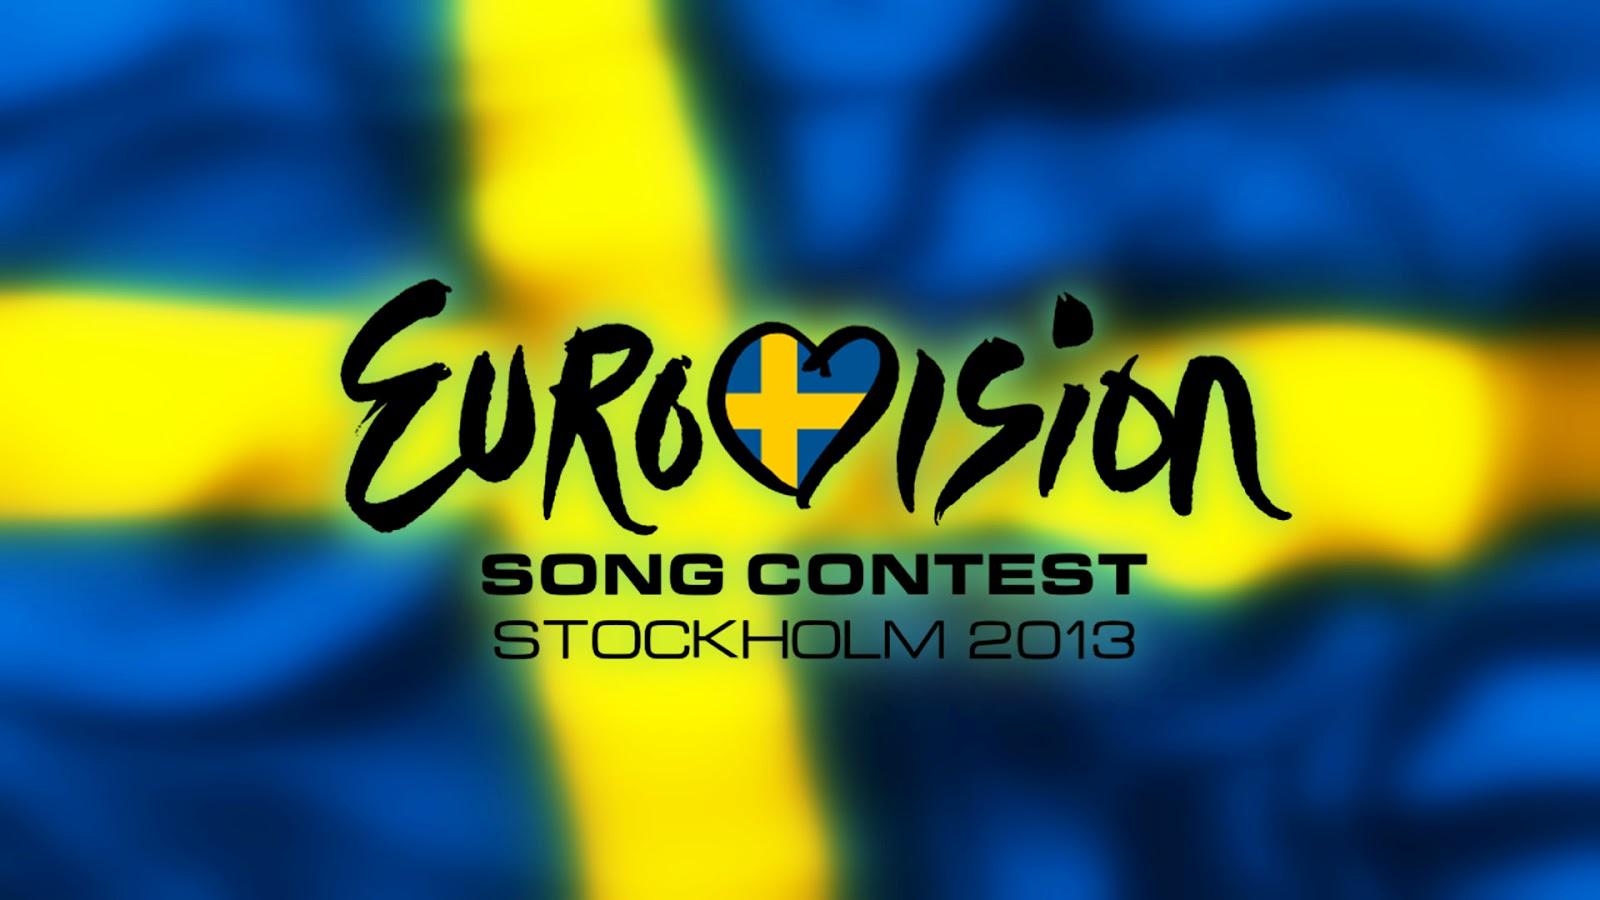 """""""Eurovision 2013″-ün biletləri 22 dəqiqəyə satılıb qurtardı"""